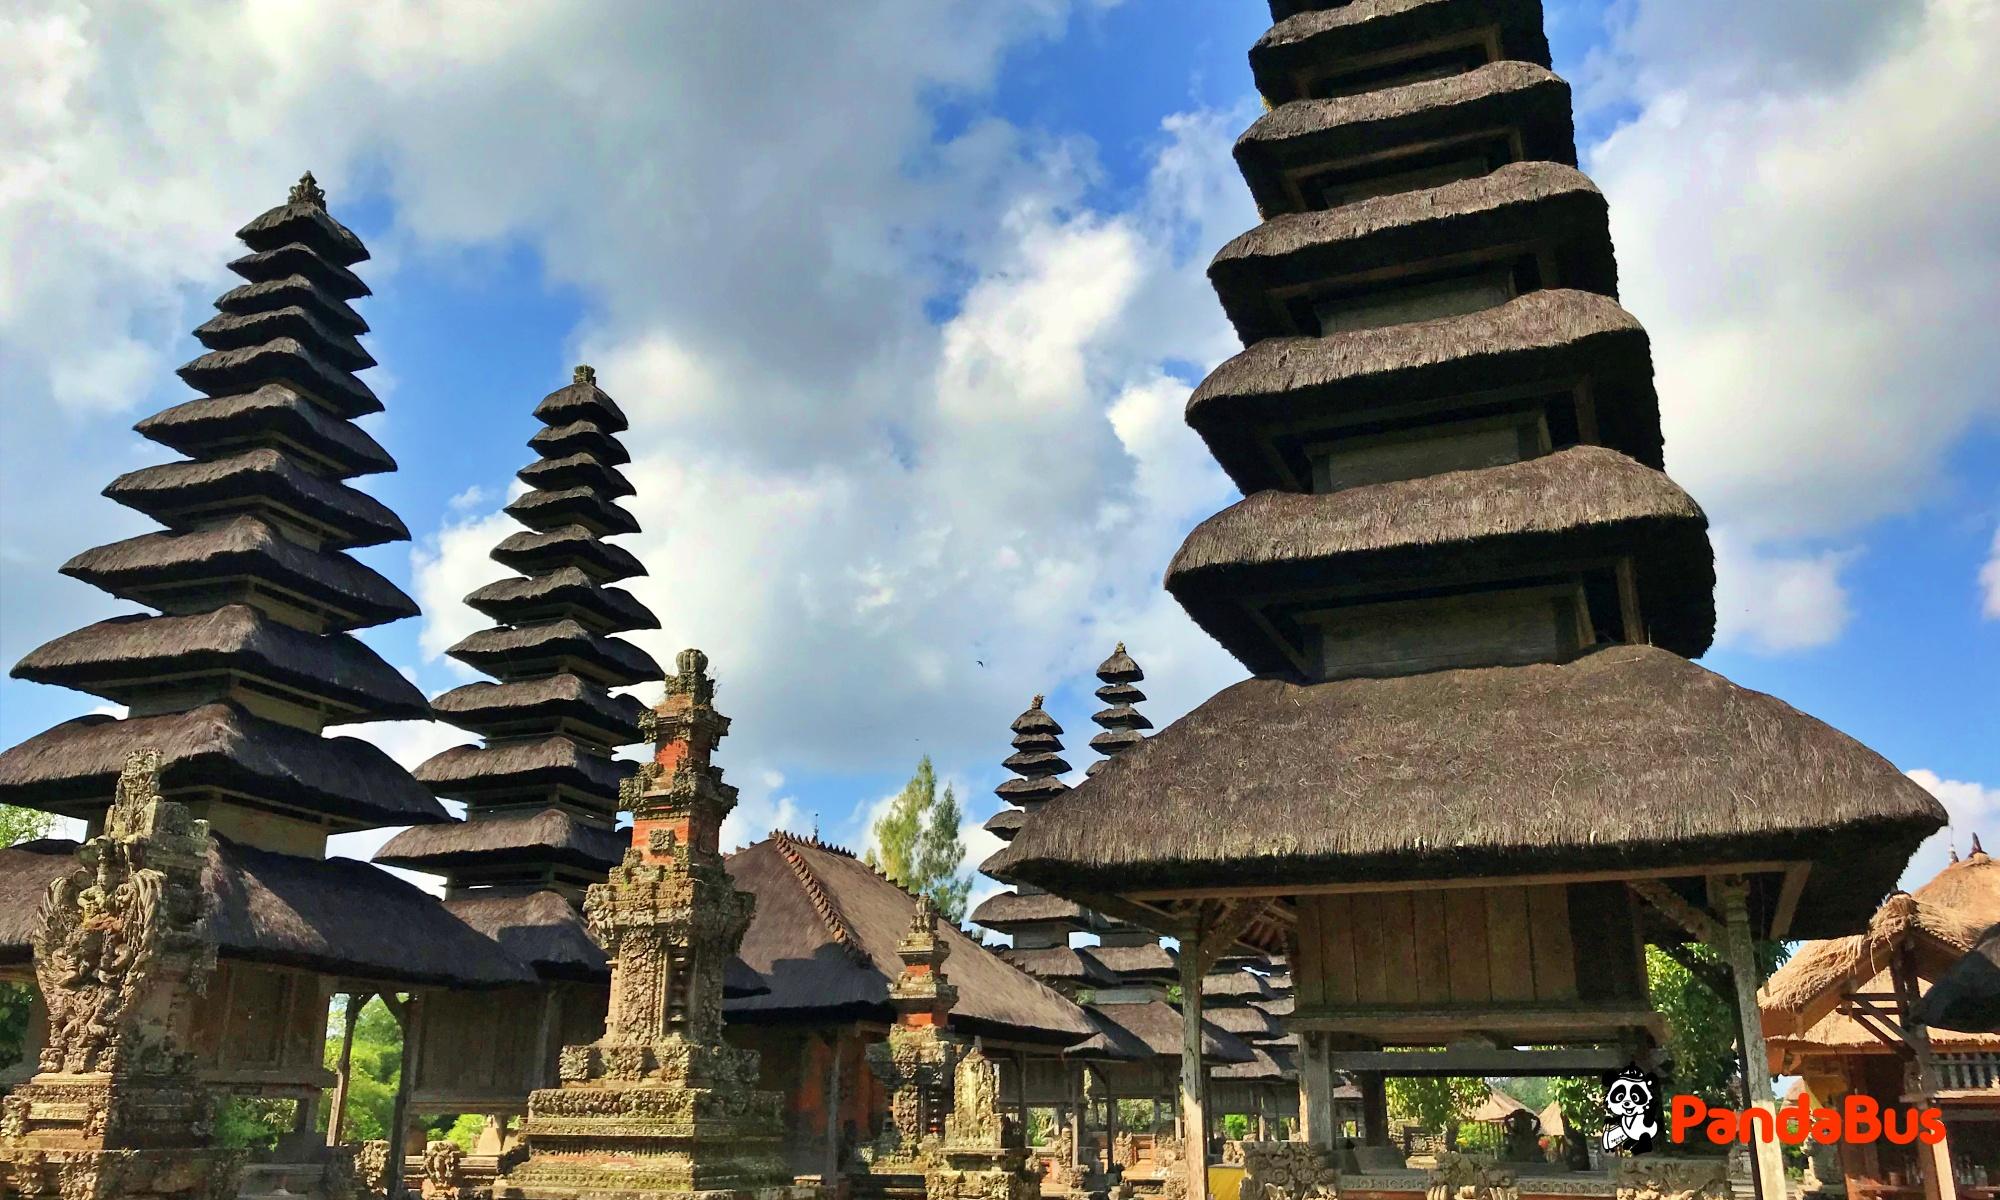 世界遺産『タマンアユン寺院』見学(約30分)